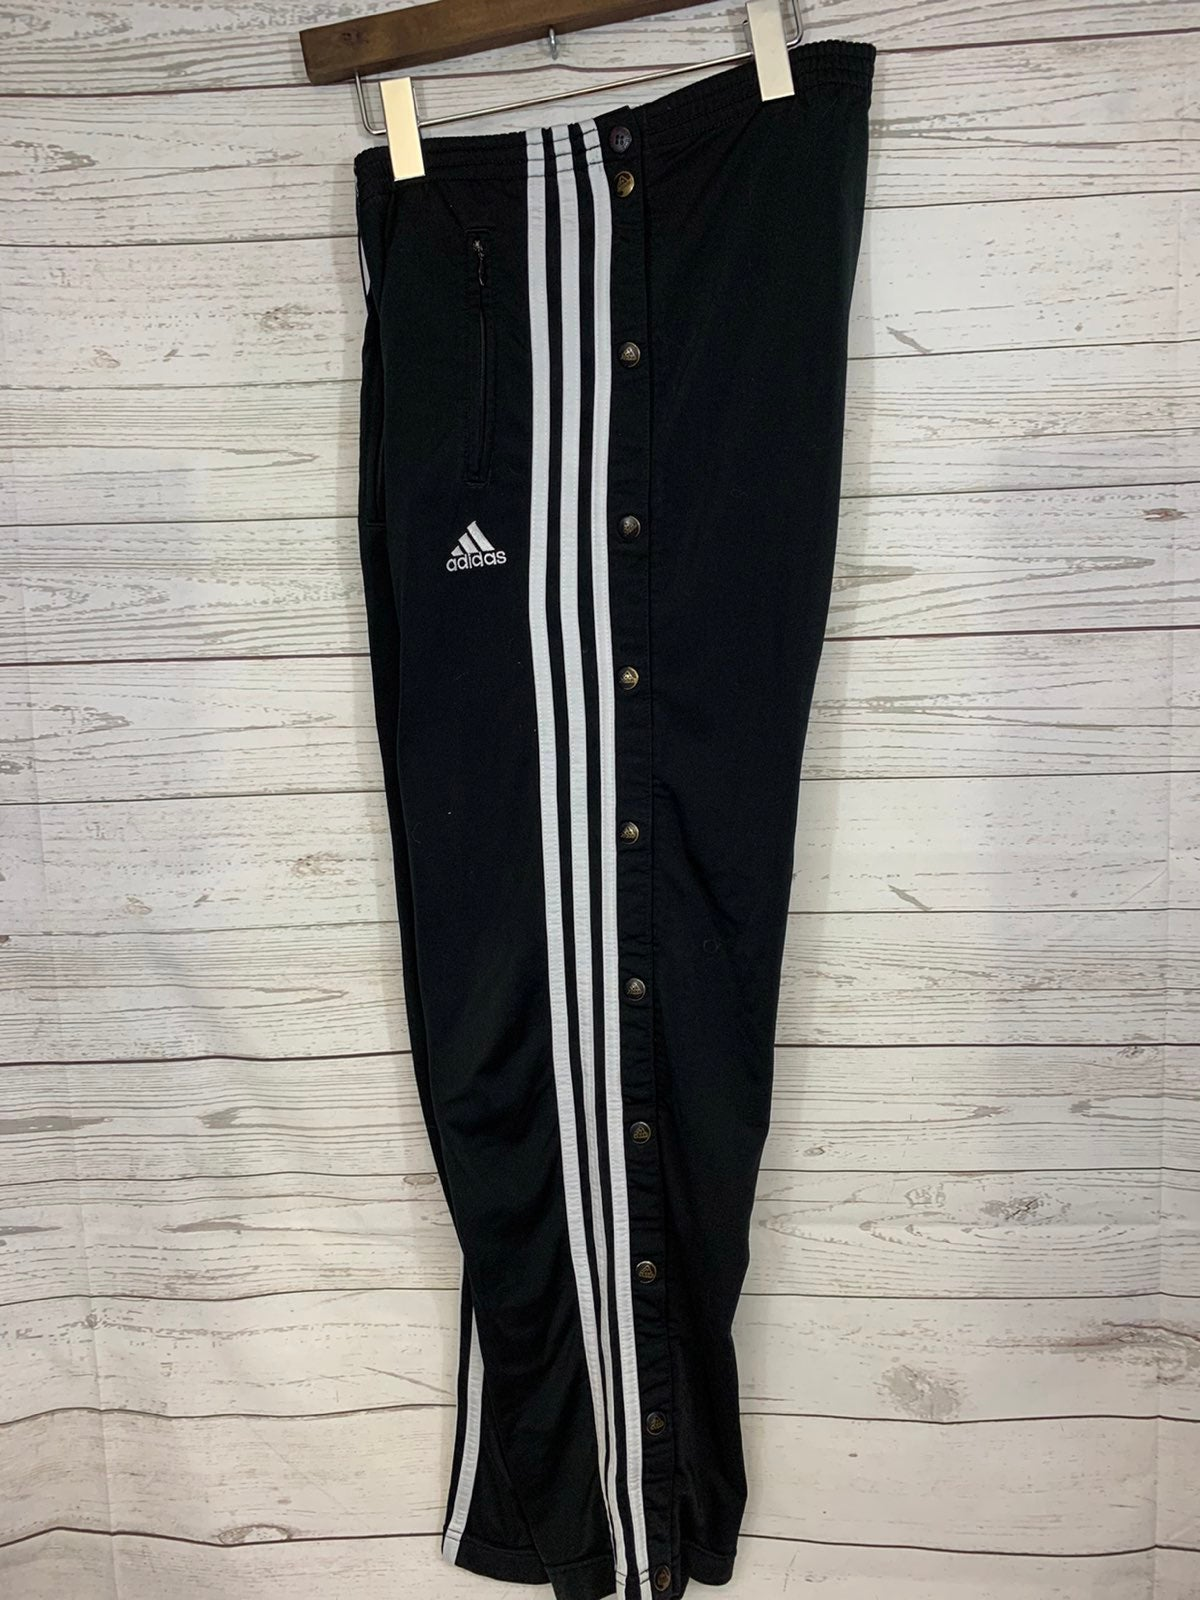 Adidas snap off pants